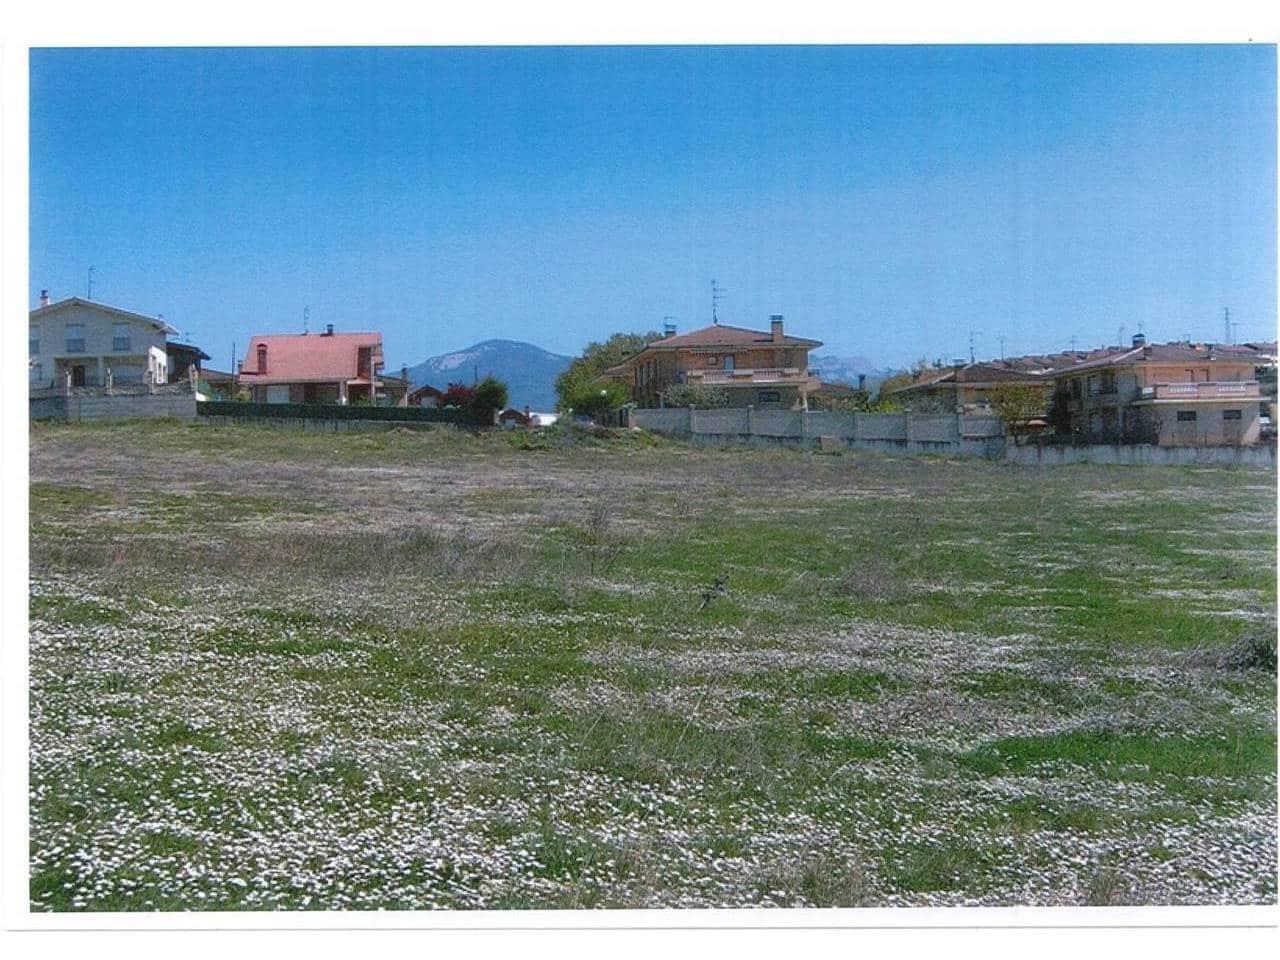 Teren niezagospodarowany na sprzedaż w Labastida - 150 000 € (Ref: 3861960)